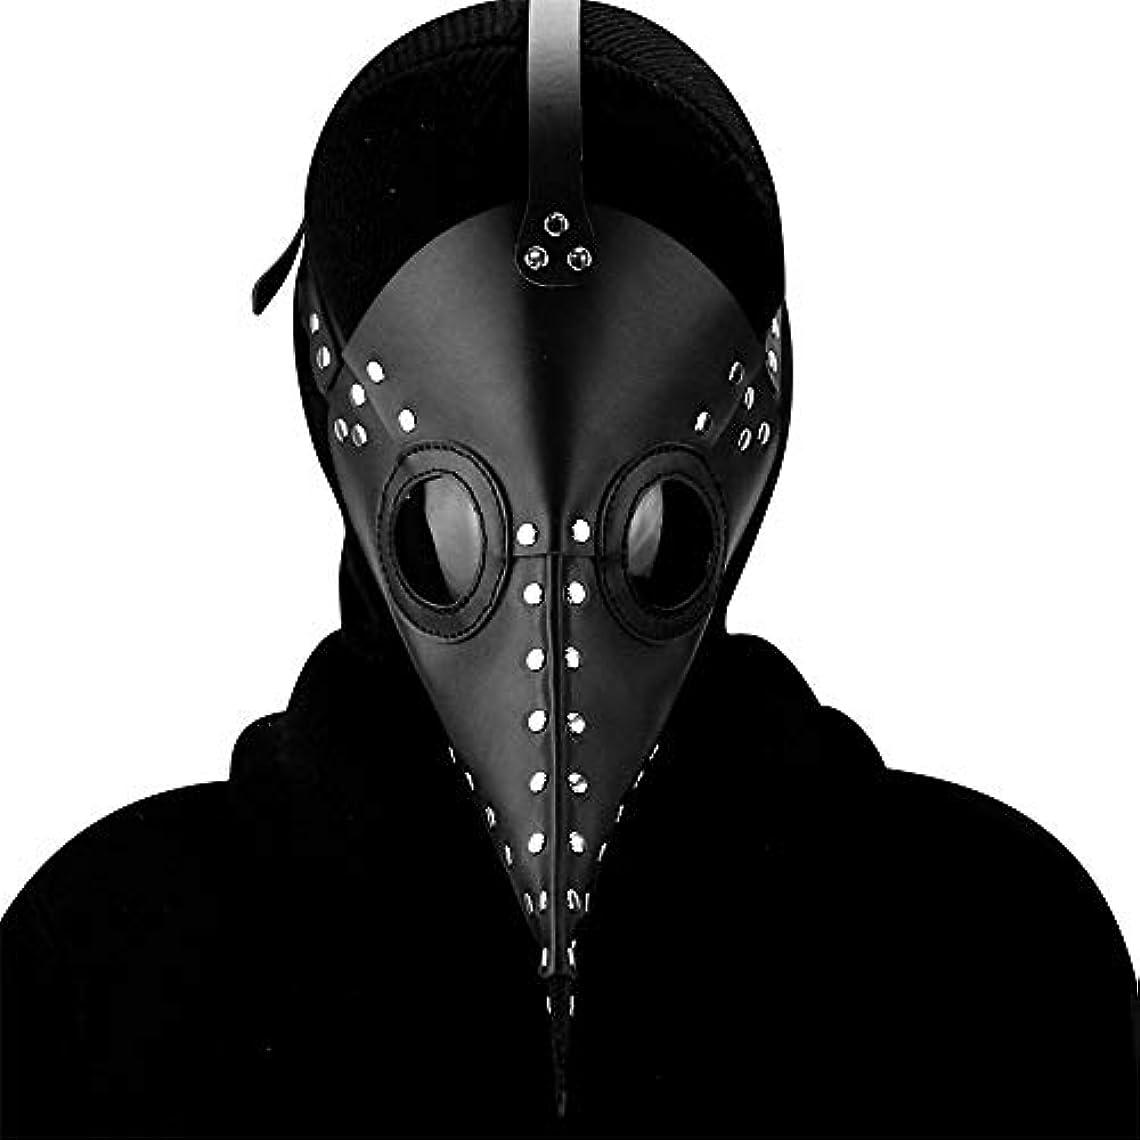 いちゃつく政策ドロップハロウィーンペストビークマスクパーティーの小道具仮装